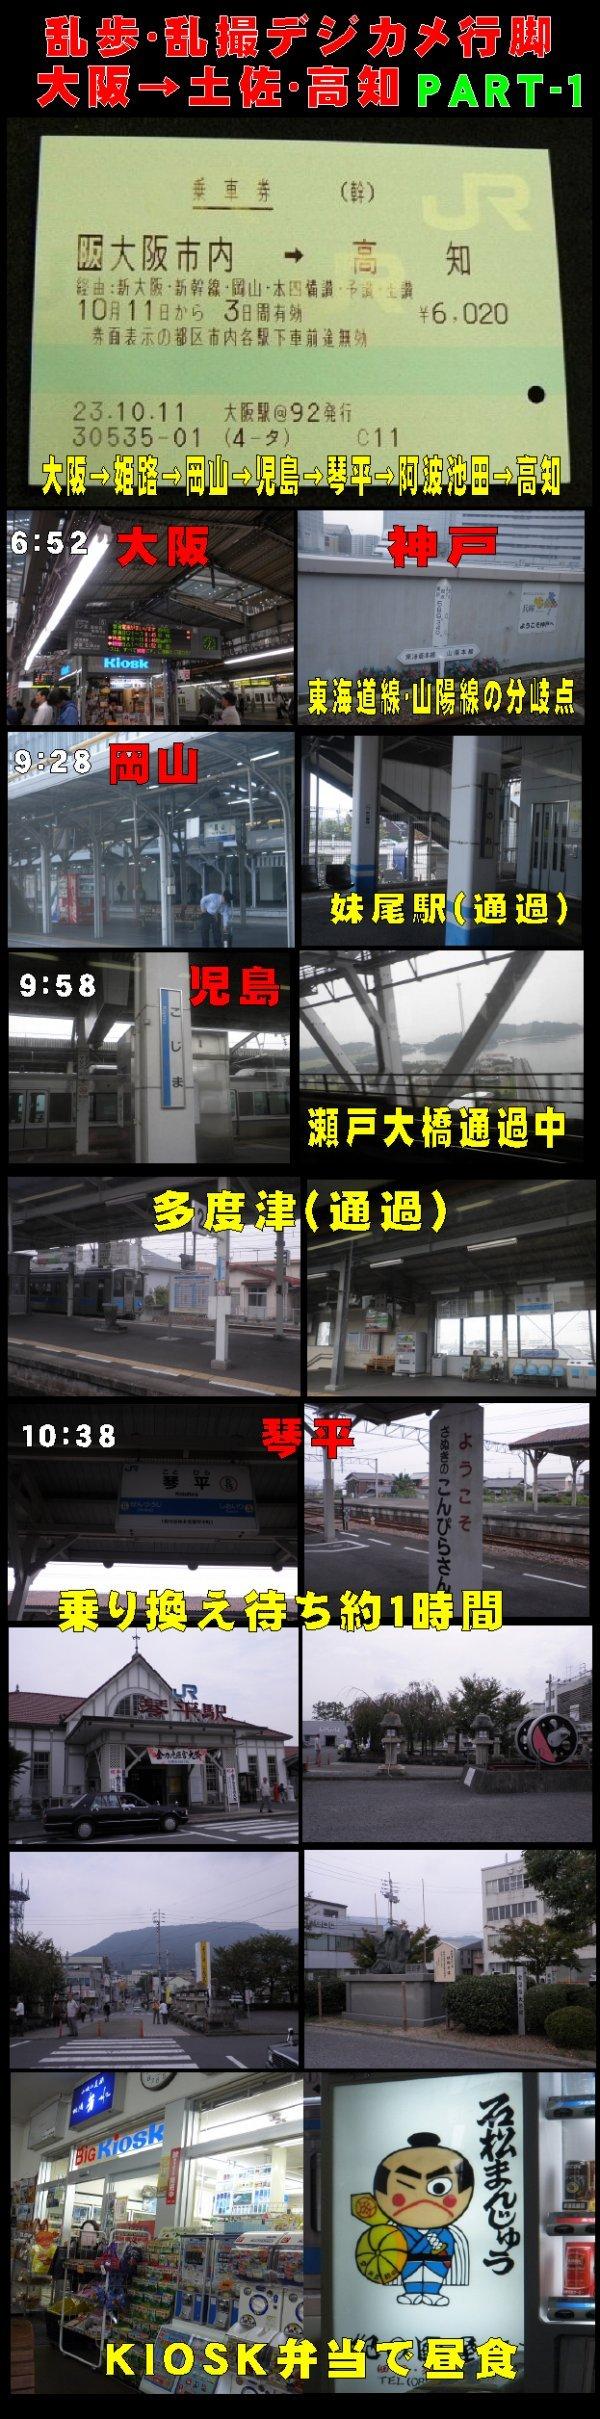 大阪・高知 ブログ